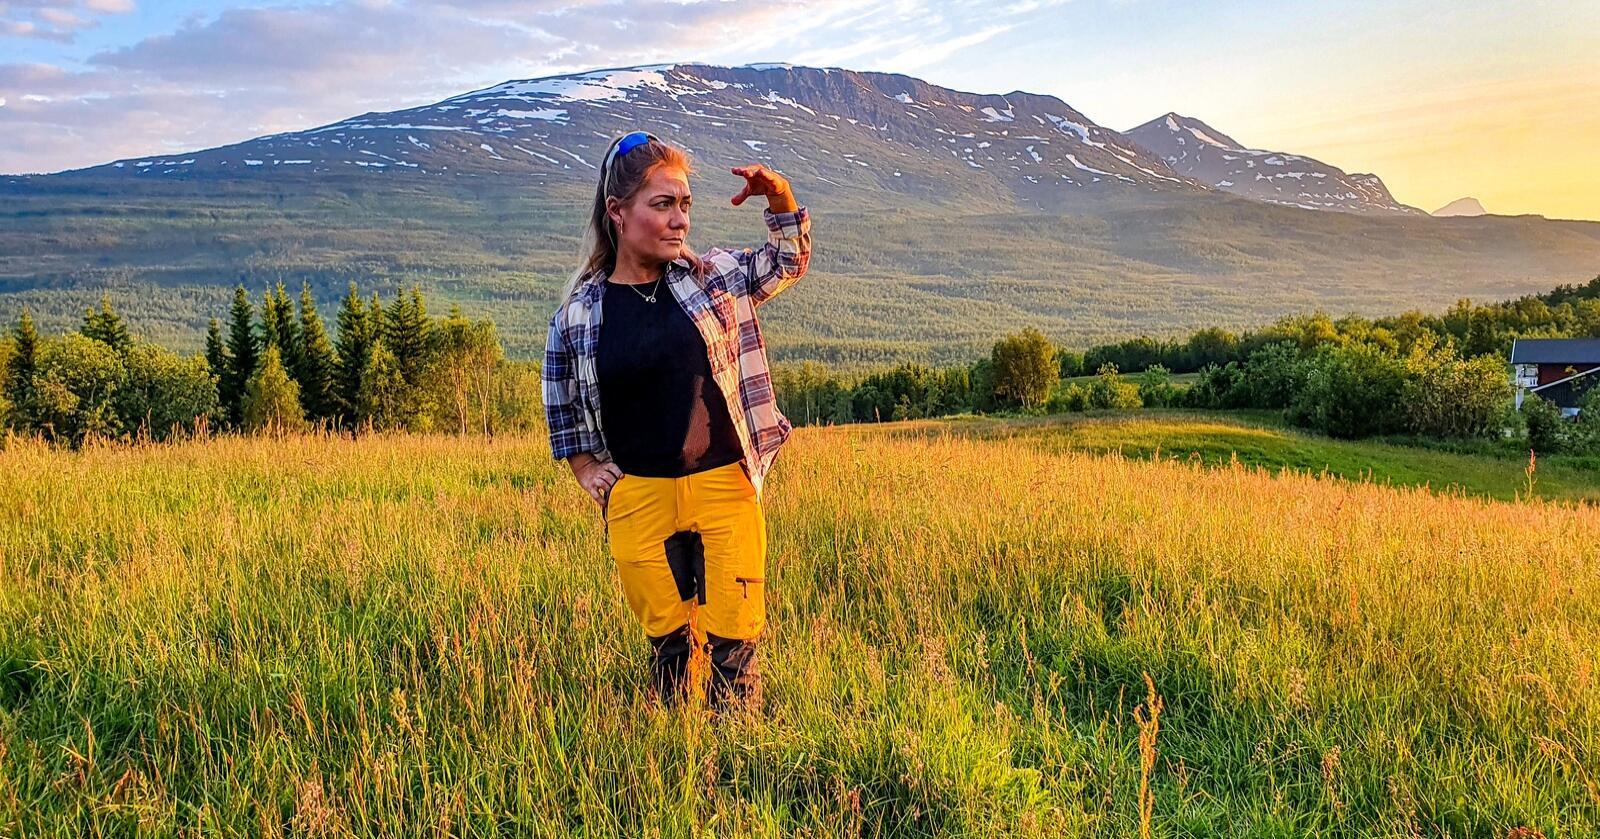 Stortingsrepresentant Sandra Borch (Sp) bruker sommerferien sin på å vokte familiegården i Lavangen mot bjørner. I tre uker har bjørner lemlestet saueflokker i Lavangen, Salangen og Bardu i Troms. Foto: Eskild Johansen/Nationen